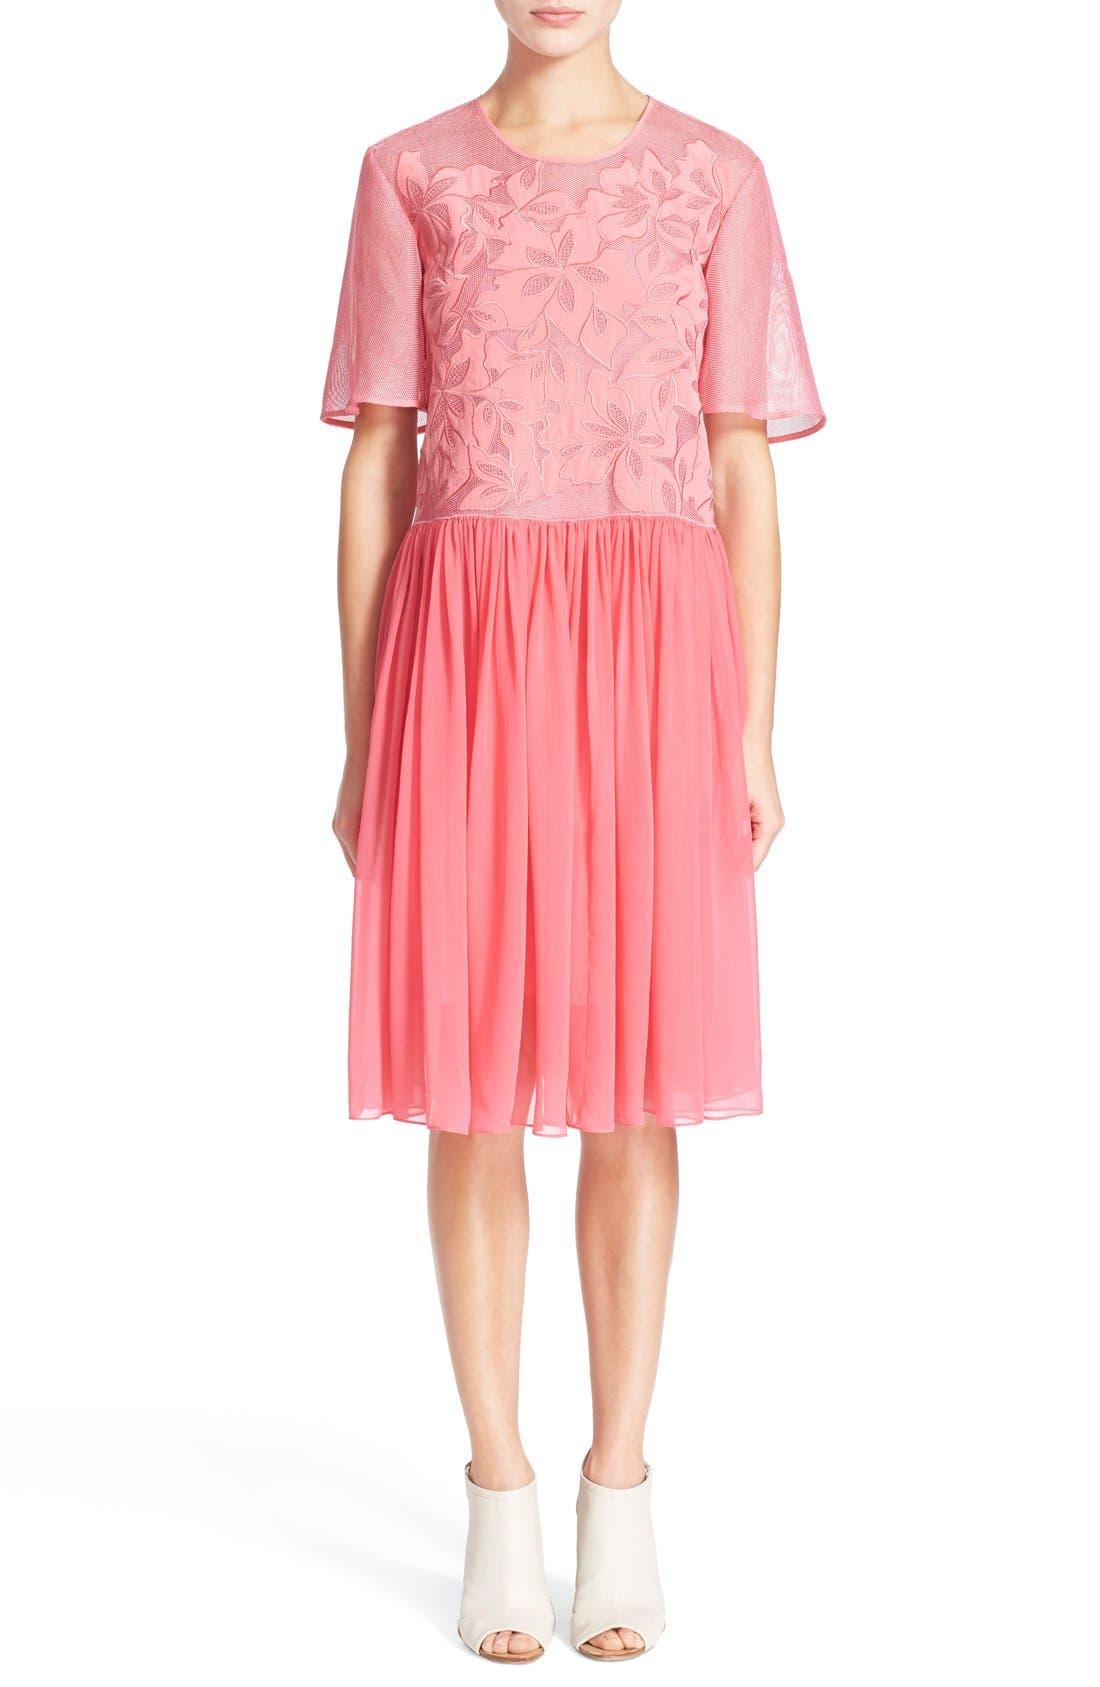 Main Image - Rebecca Taylor Floral Appliqué Dress